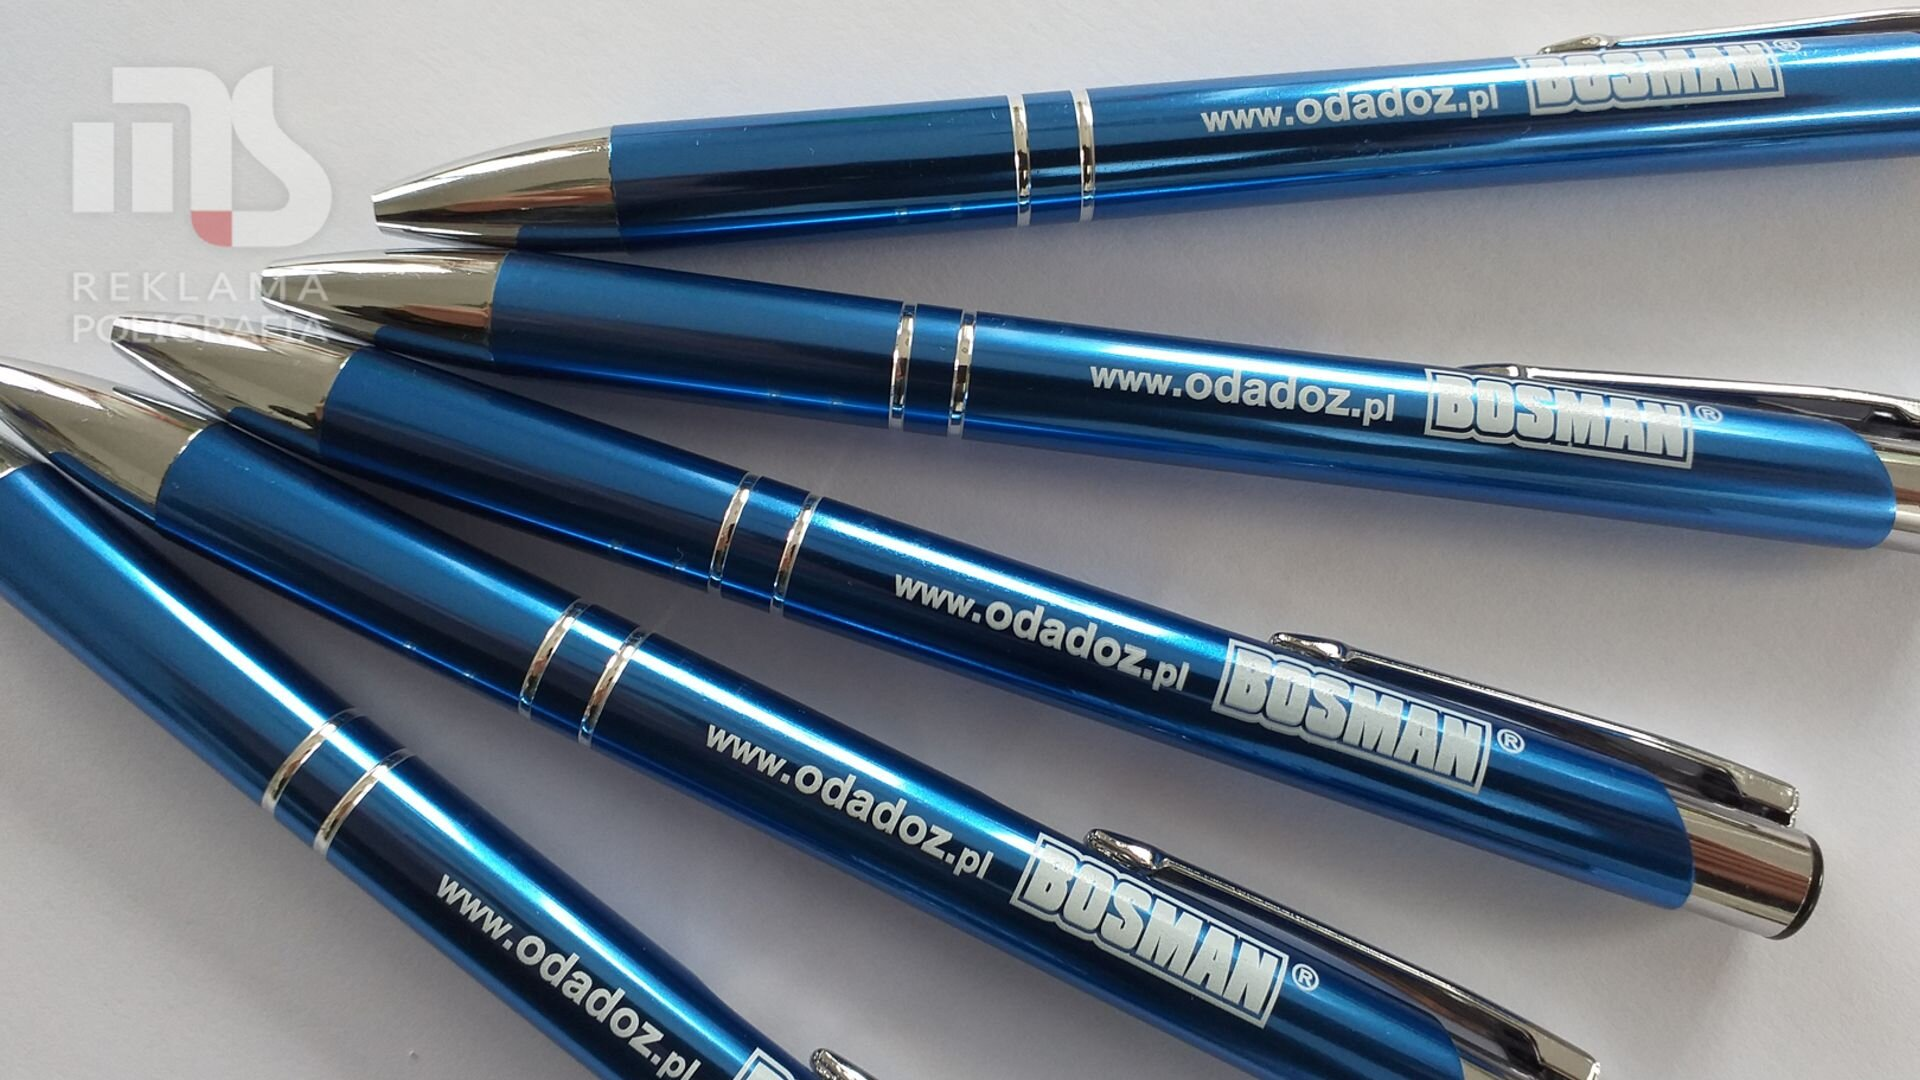 2021 1 gadgety reklamowe -1920x1080 px-Bosman długopisy